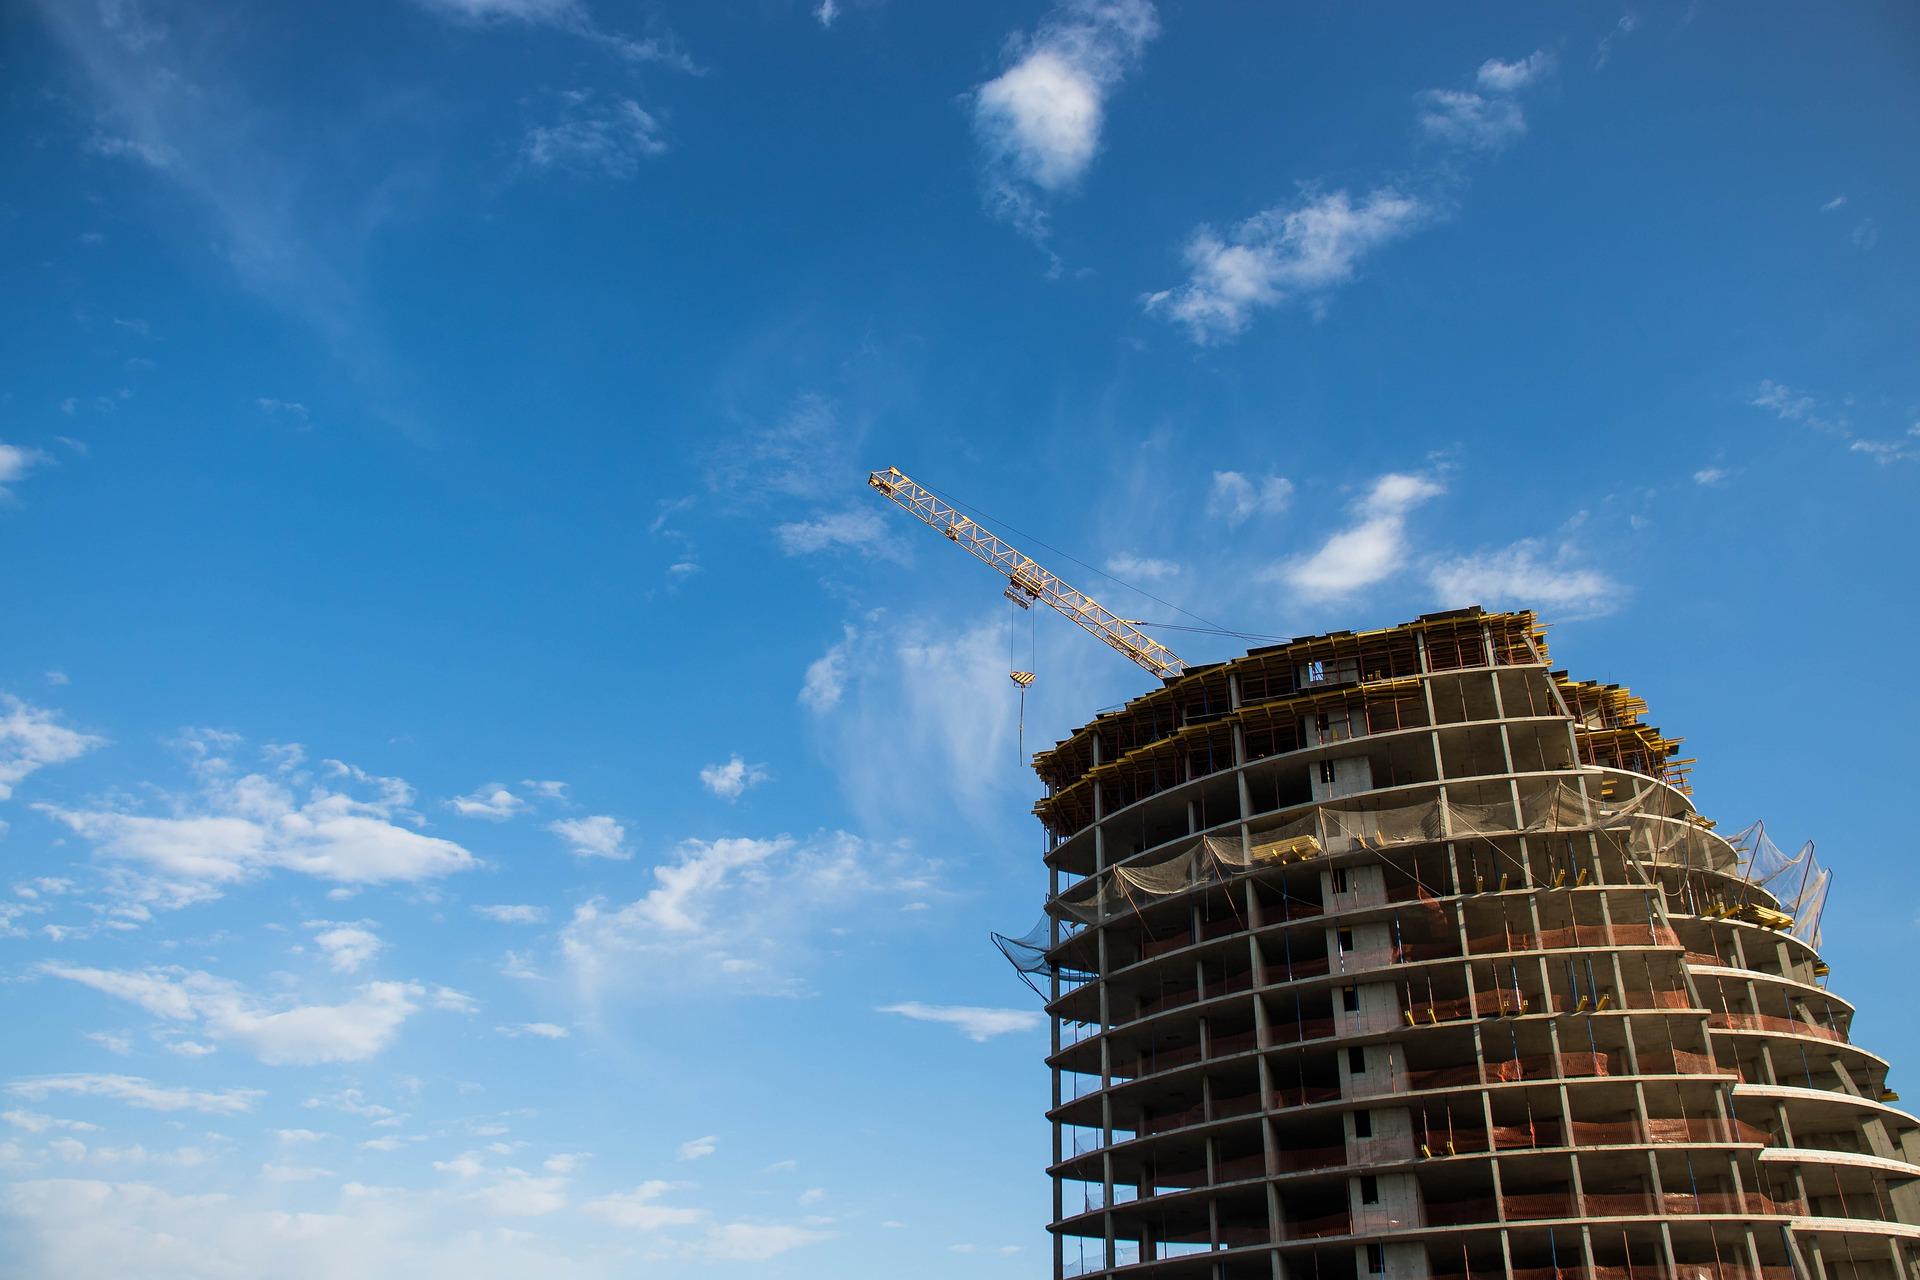 Ввод в эксплуатацию жилья в Беларуси в январе-феврале 2020 года